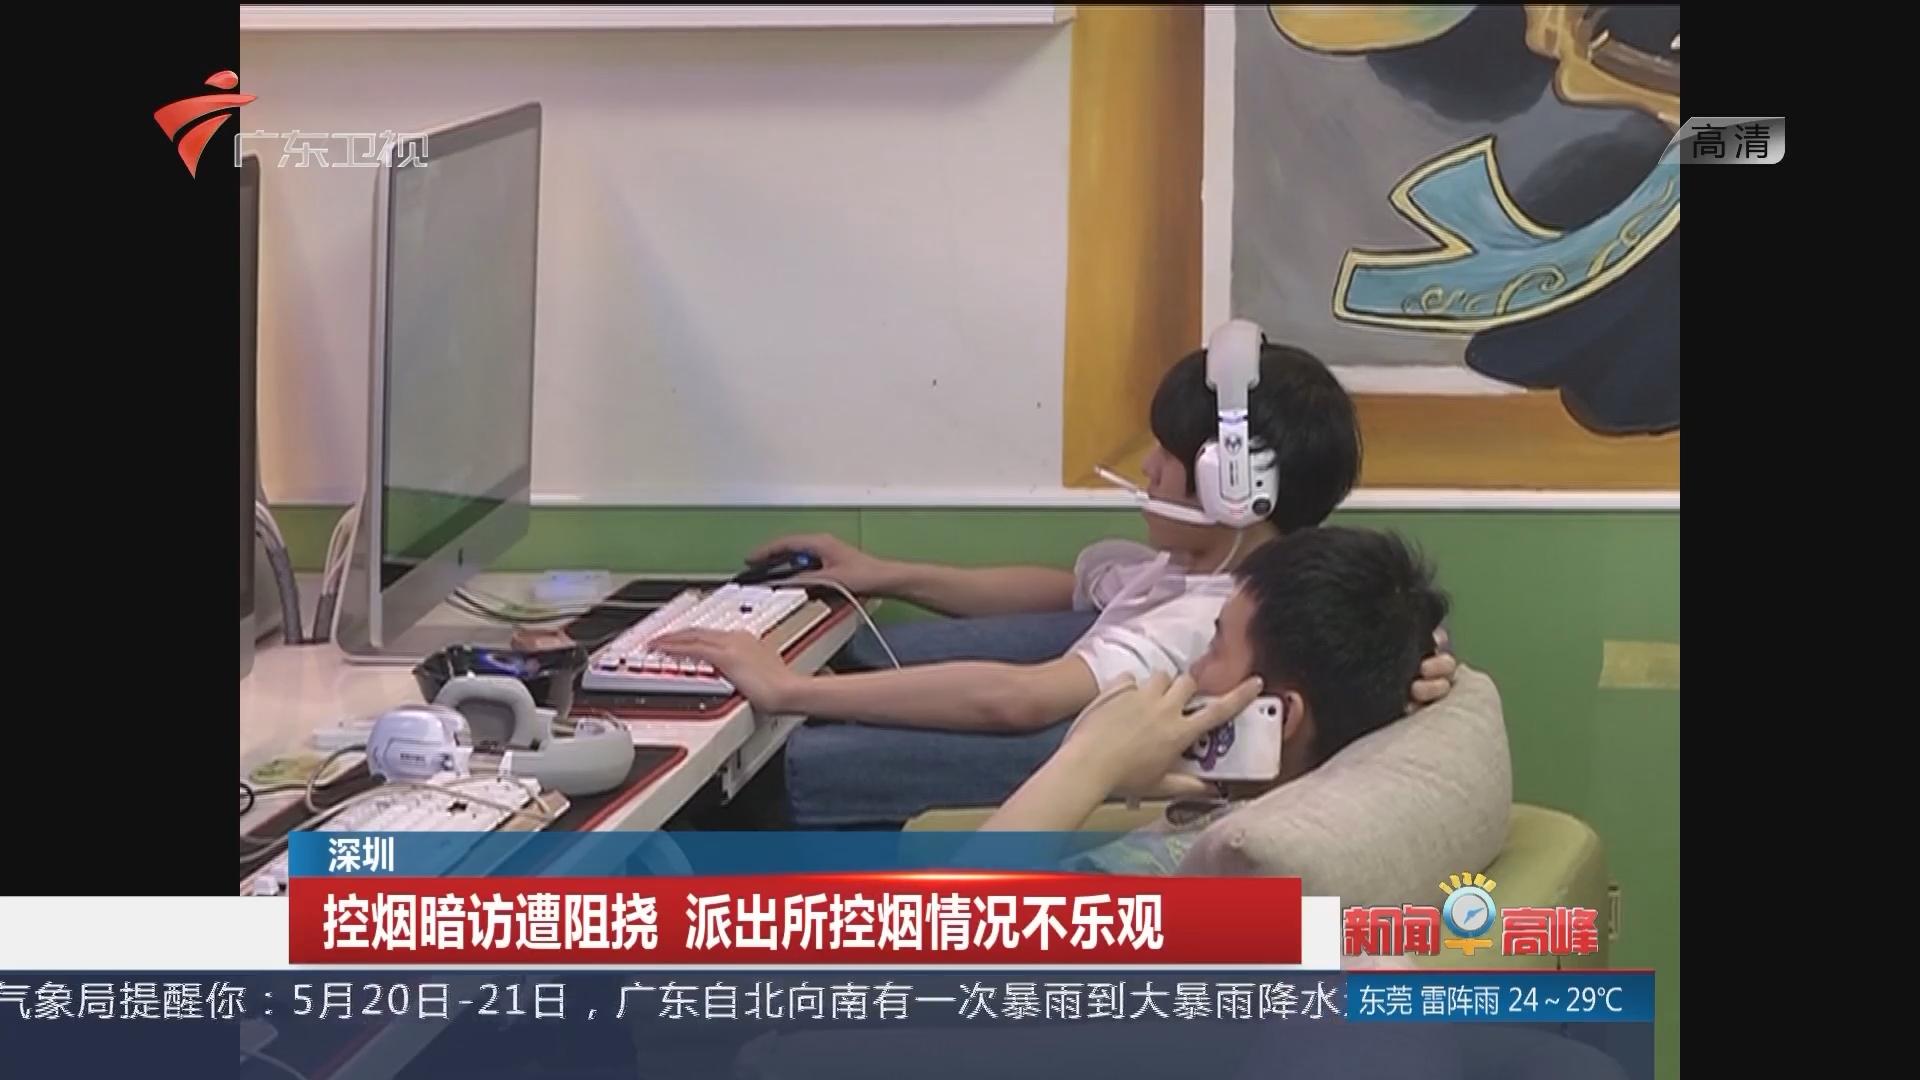 深圳:控烟暗访遭阻挠 派出所控烟情况不乐观